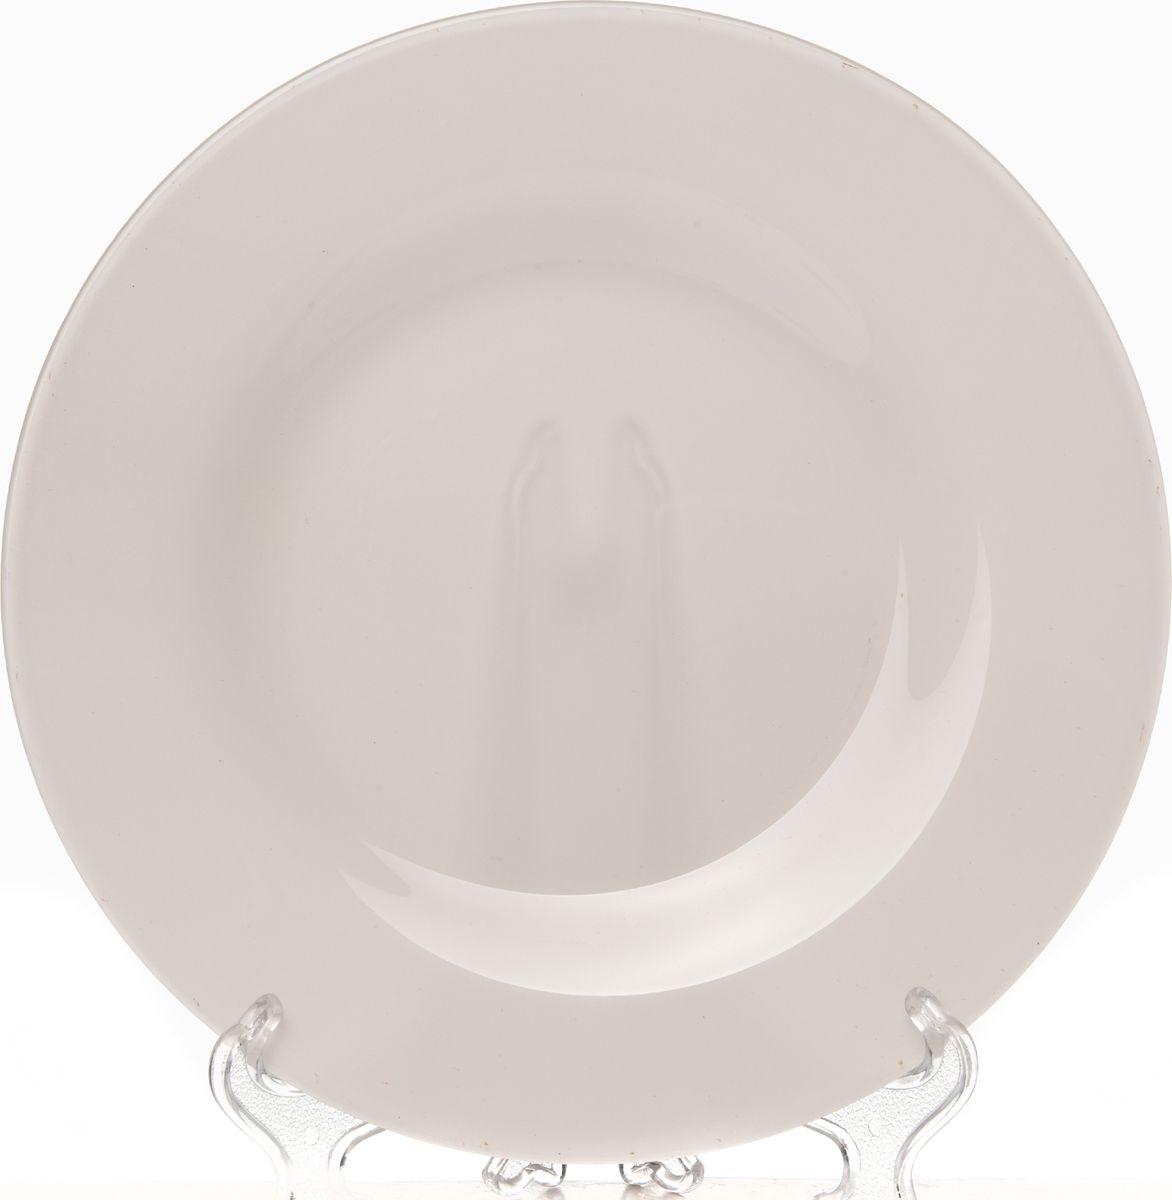 Тарелка Pasabahce БОХО, цвет: серо-розовый, диаметр 26 см10328SLBD43Тарелка обеденная Pasabahce БОХО выполнена из качественного стекла. Изящная тарелка прекрасно оформит праздничный стол и порадует вас и ваших гостей изысканным дизайном и формой.